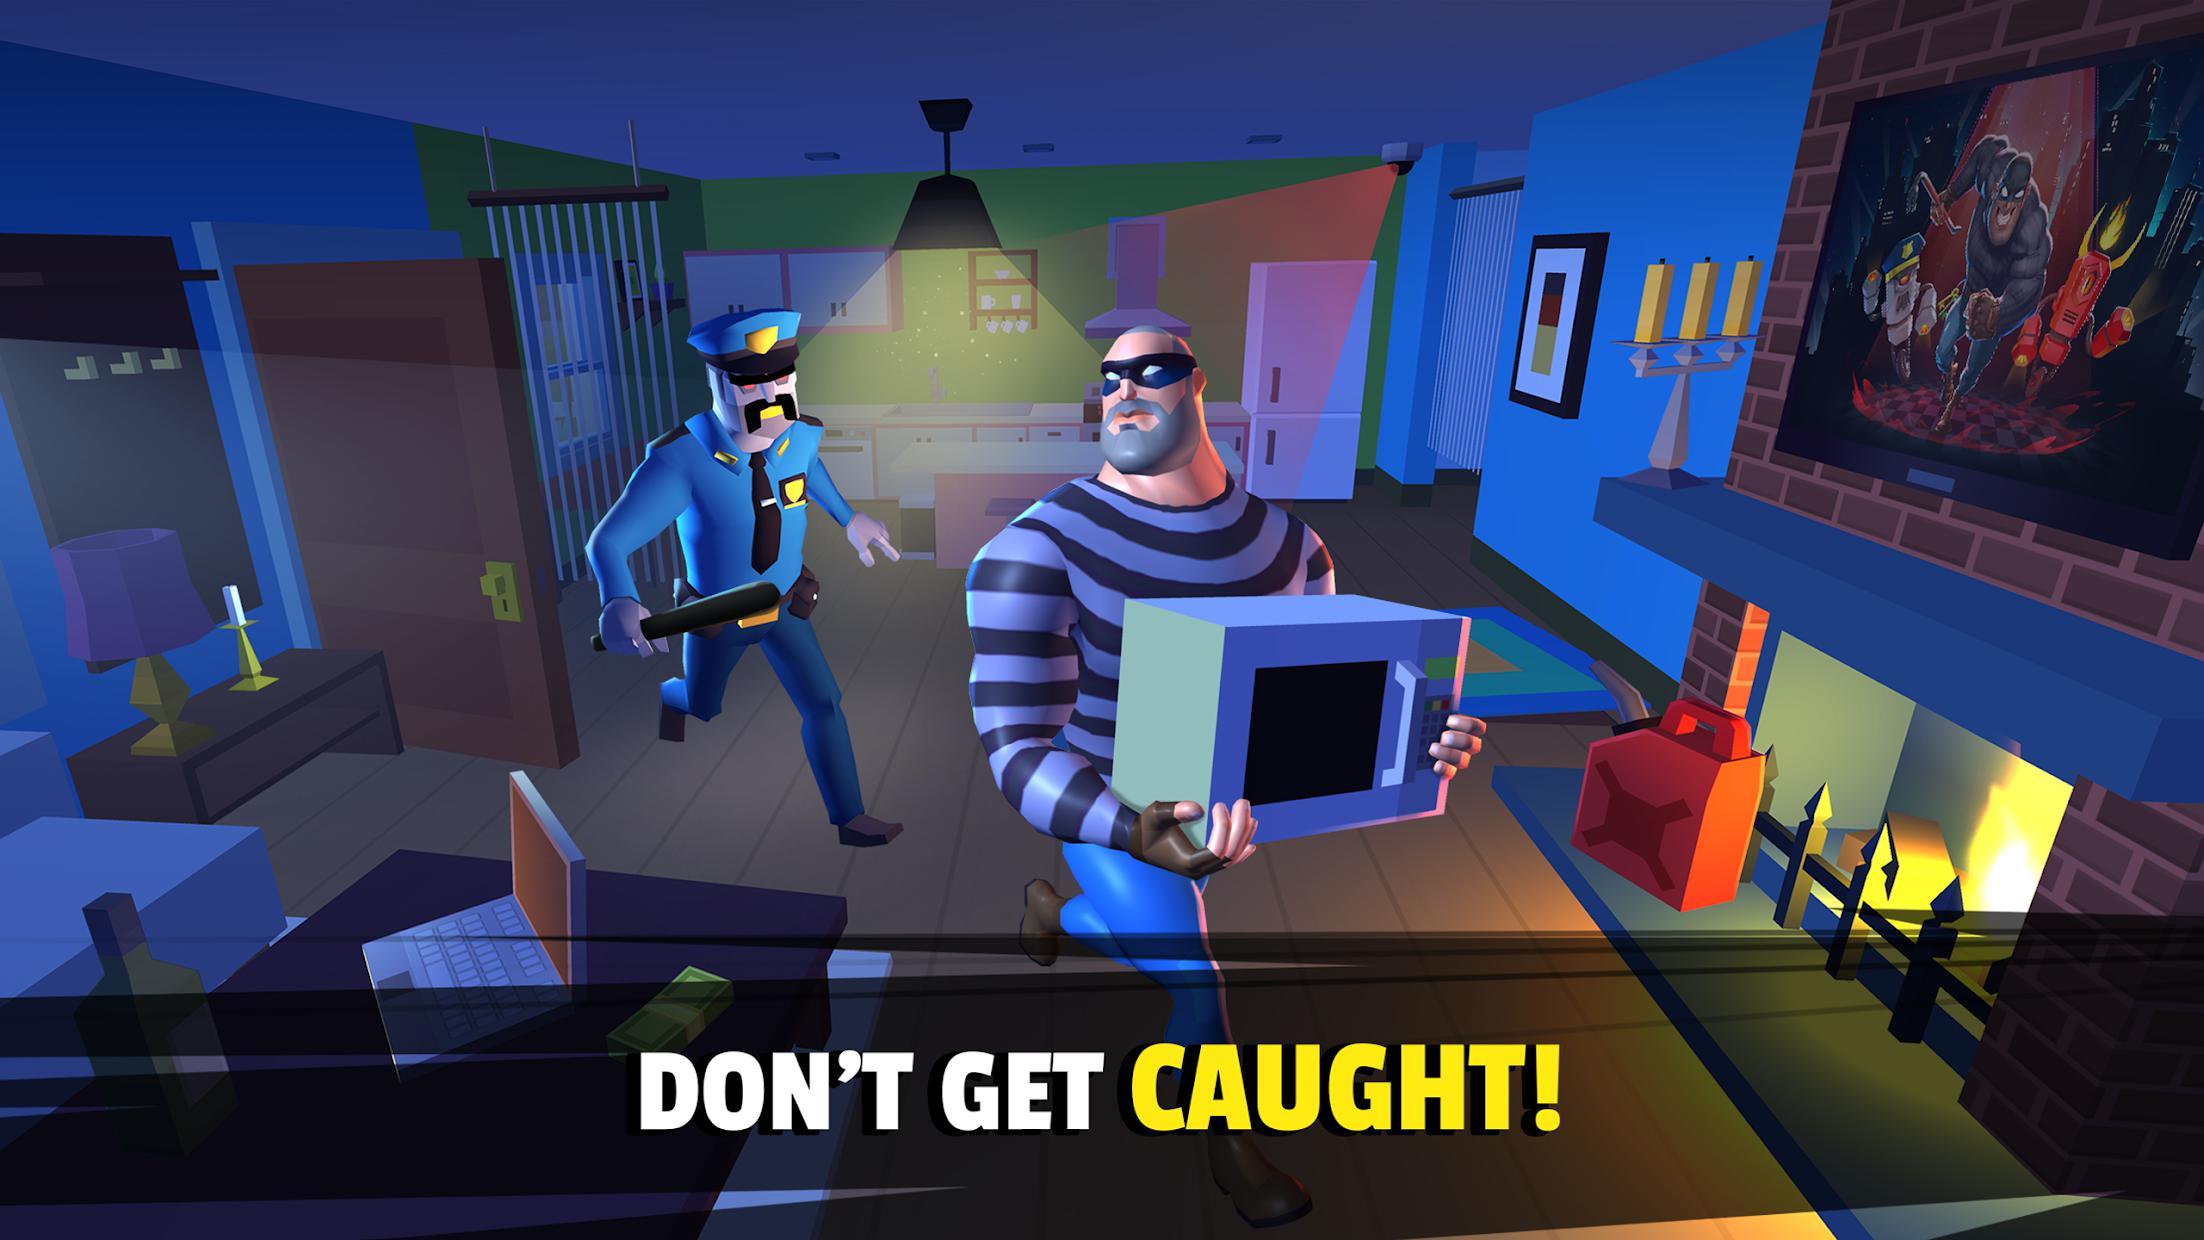 盗贼模拟器 游戏截图4